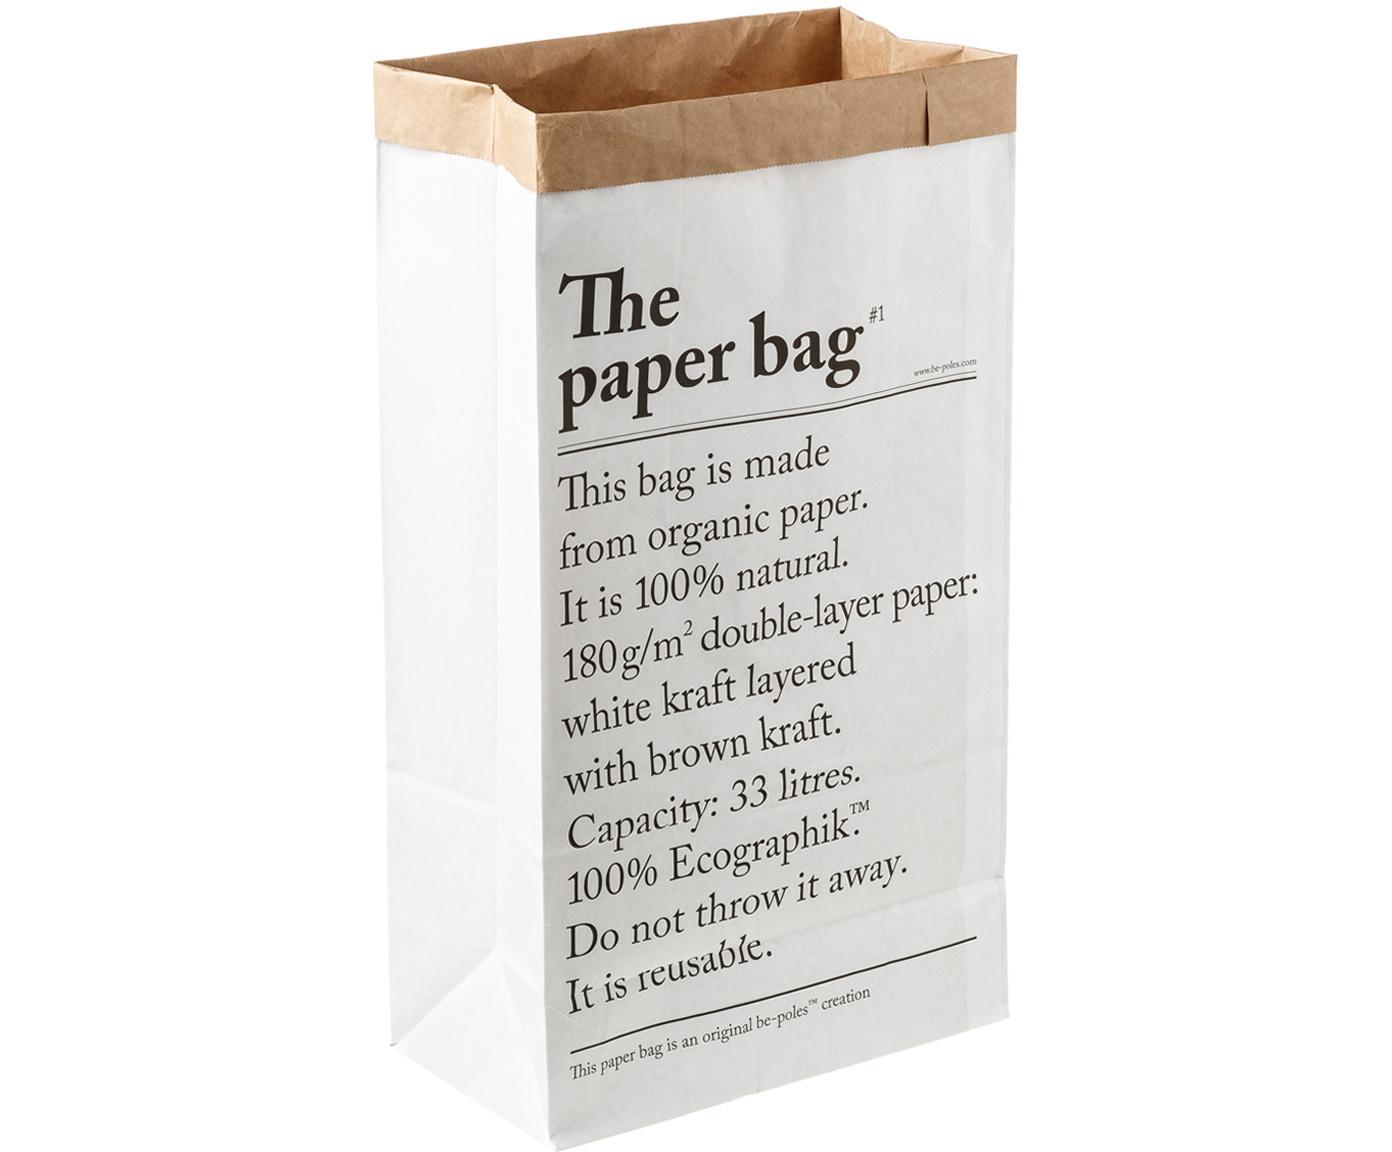 Opbergzak Le sac en papier, Gerecycled papier, Wit, 32 x 60 cm